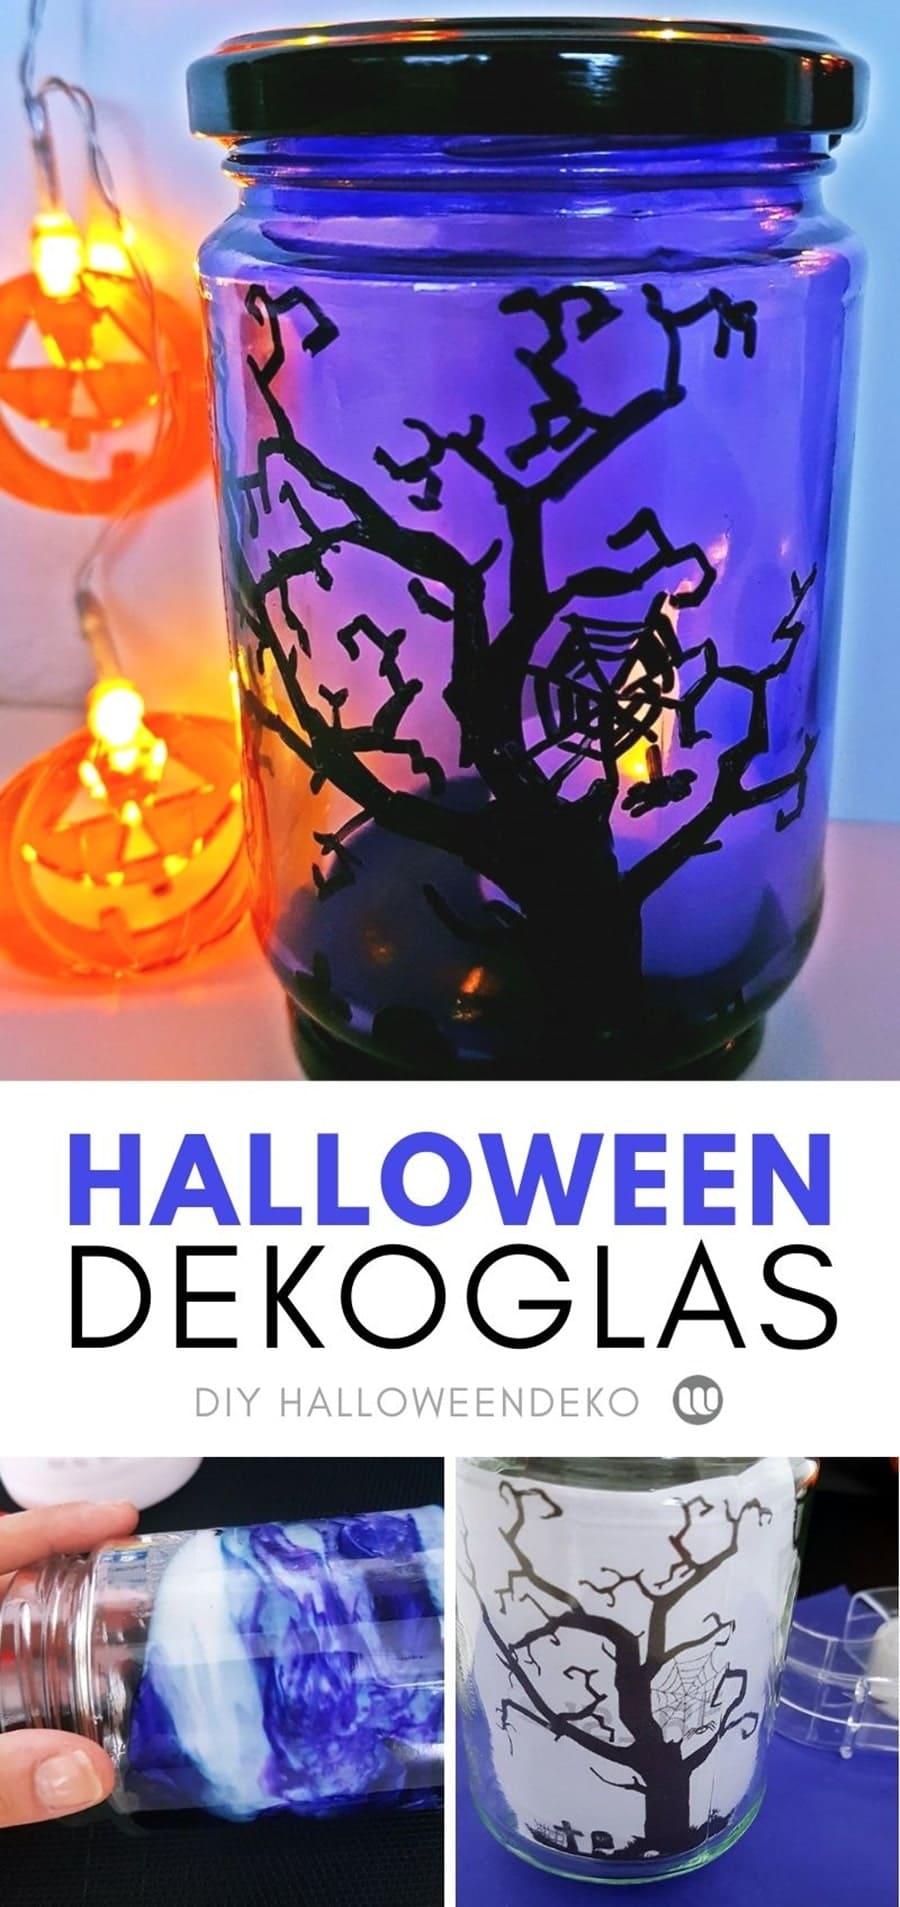 Halloween Windlichter basteln: Friedhofs-Windlicht selber machen zu Halloween